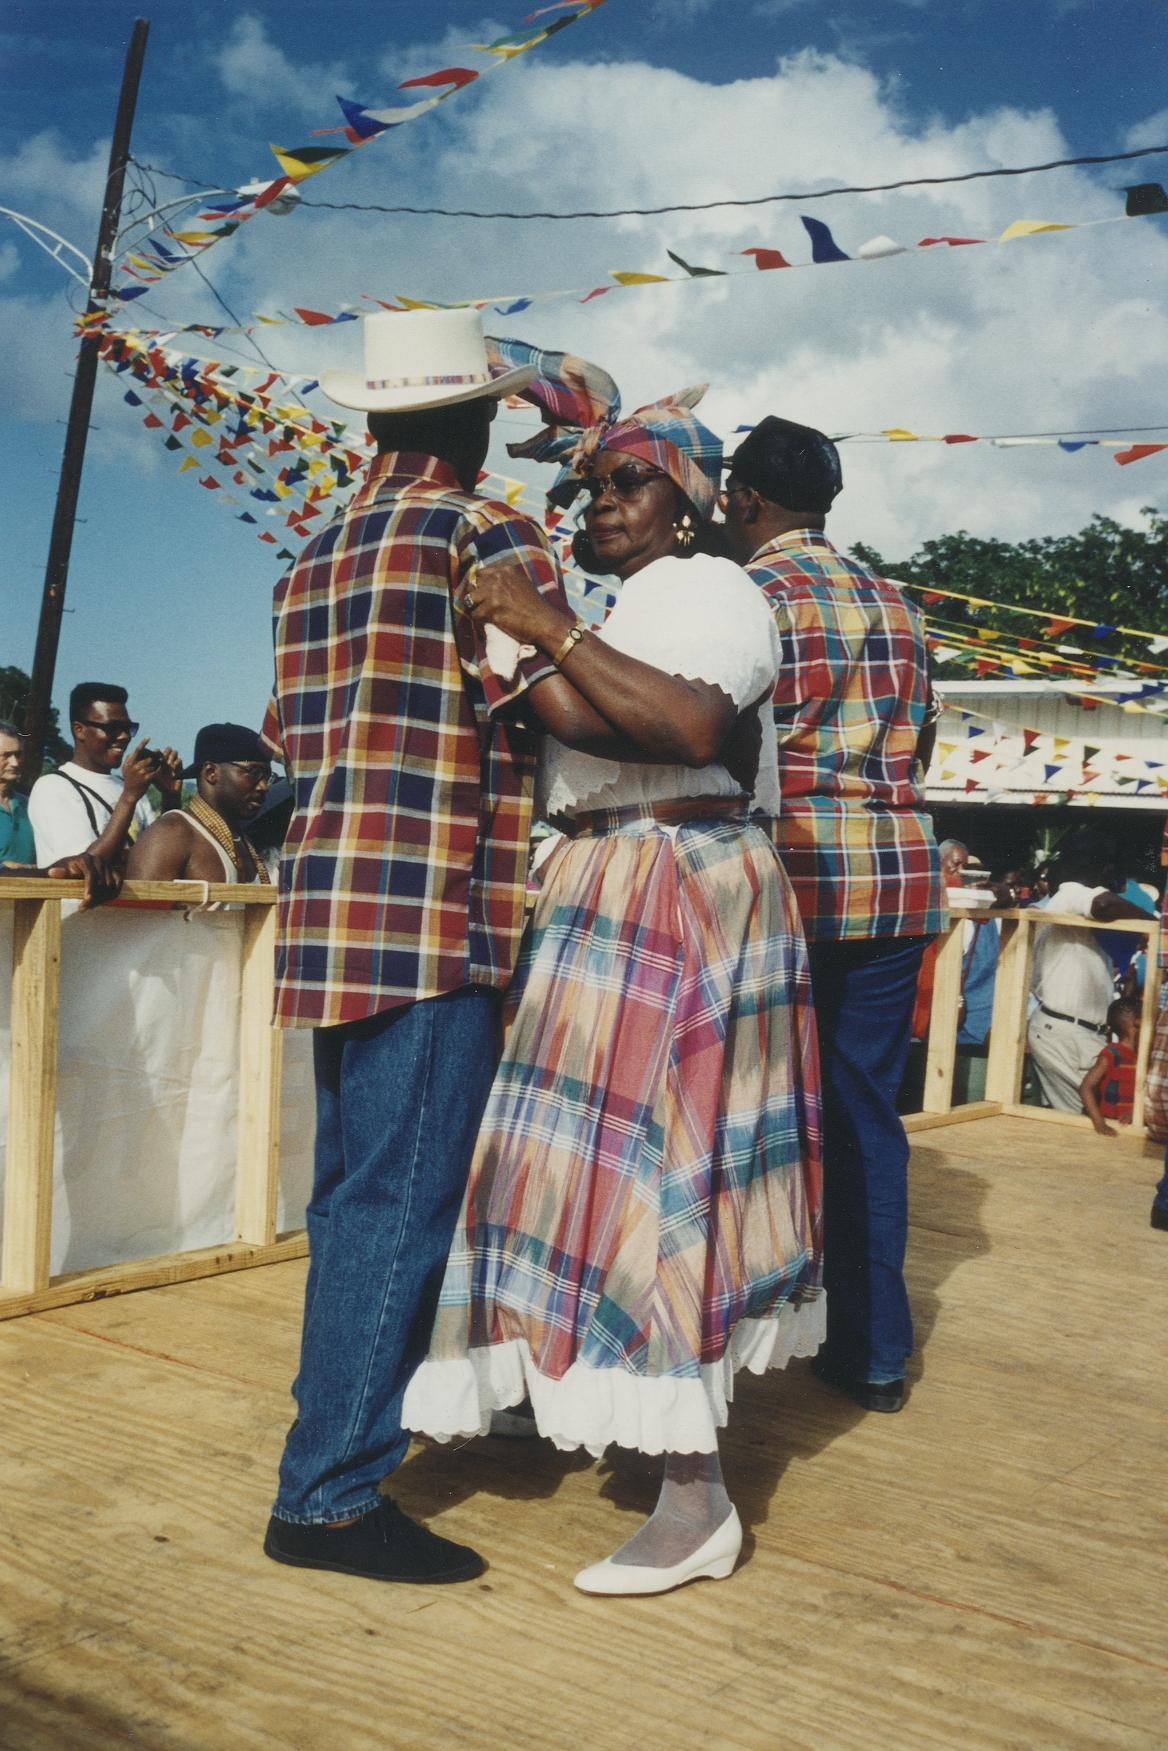 """Medlemmer fra dansegruppen """"The Heritage Dancers"""" danser mazurka ved en danseopvisning på et marked på Sankt Croix i 1995 (Foto: Anders Christensen, Dansk Folkemindesamling ved Det Kongelige Bibliotek)"""